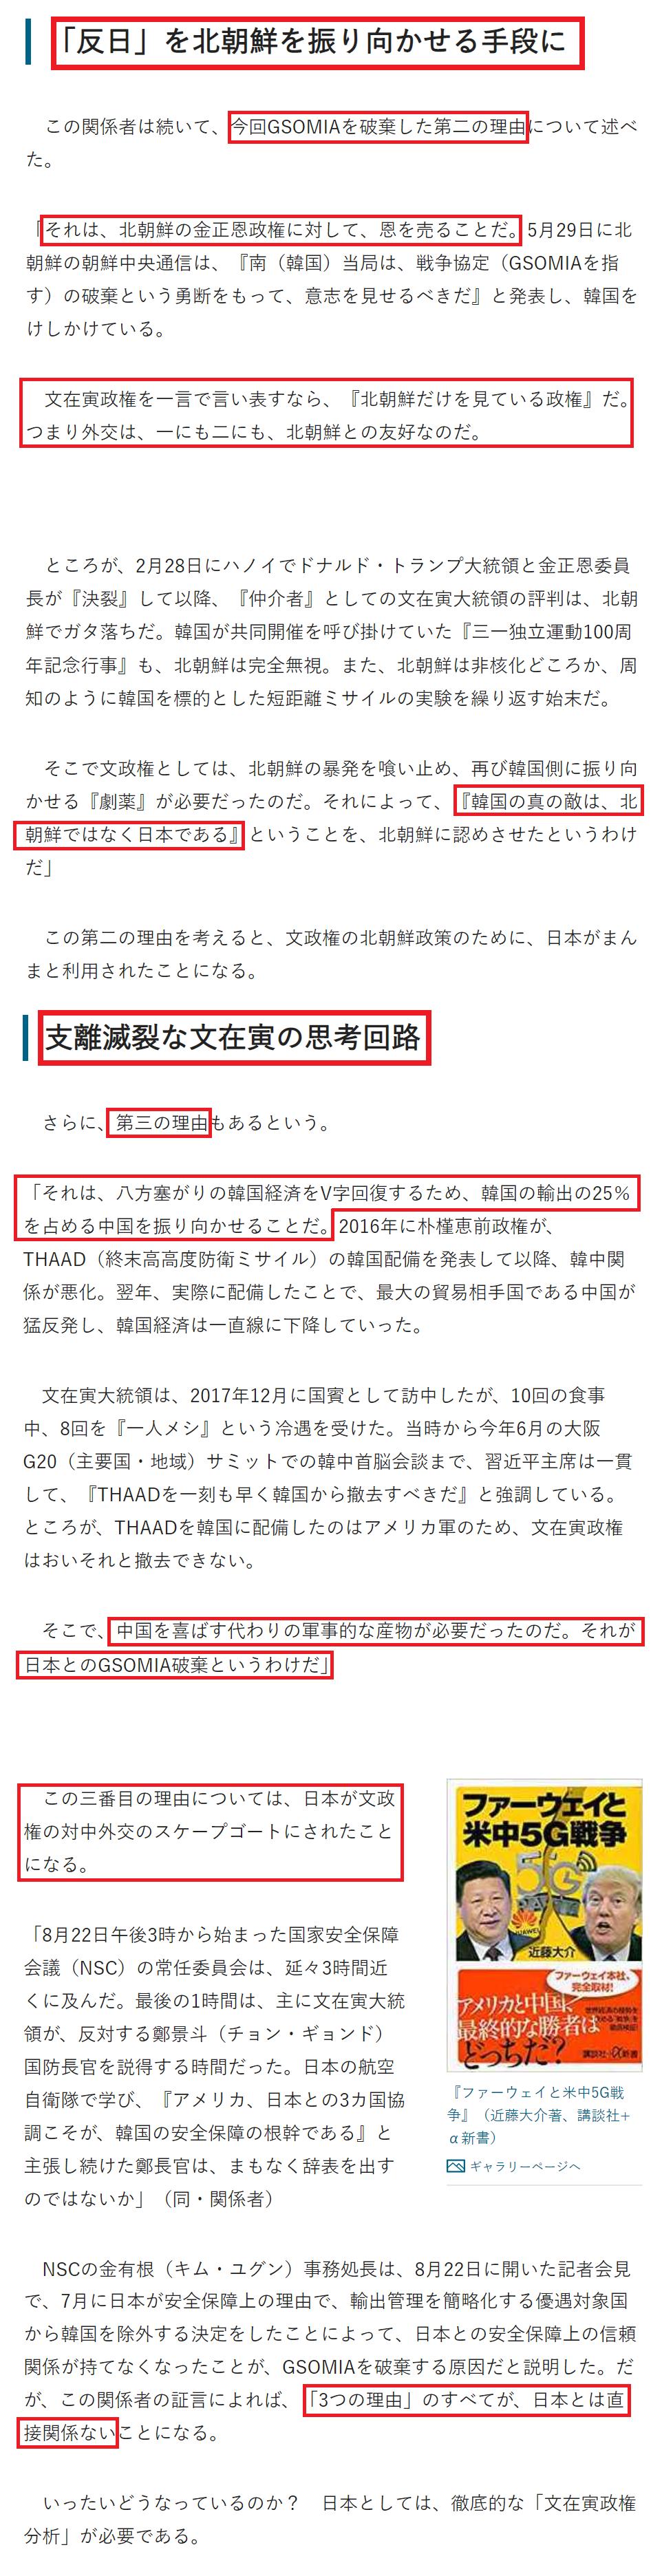 韓国GSOMIA破棄の狙いは醜聞隠しと2